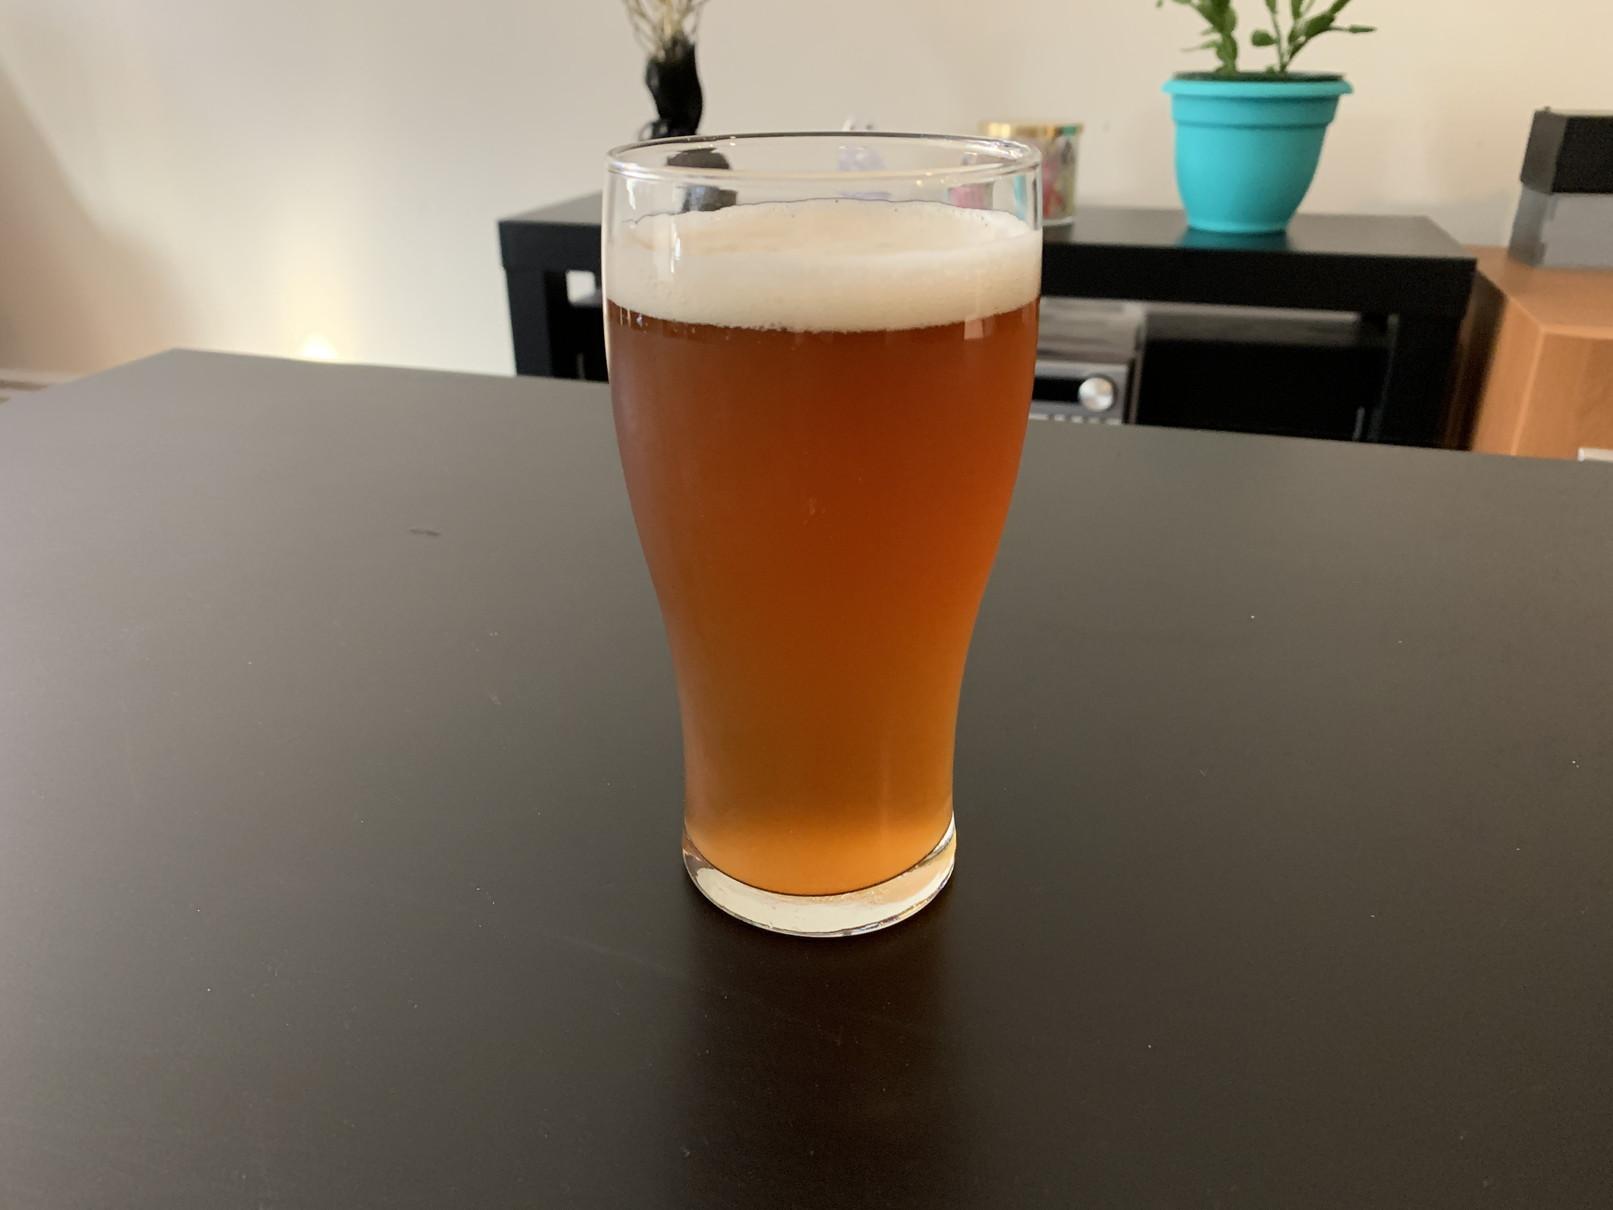 ドライモルトで作ったビール